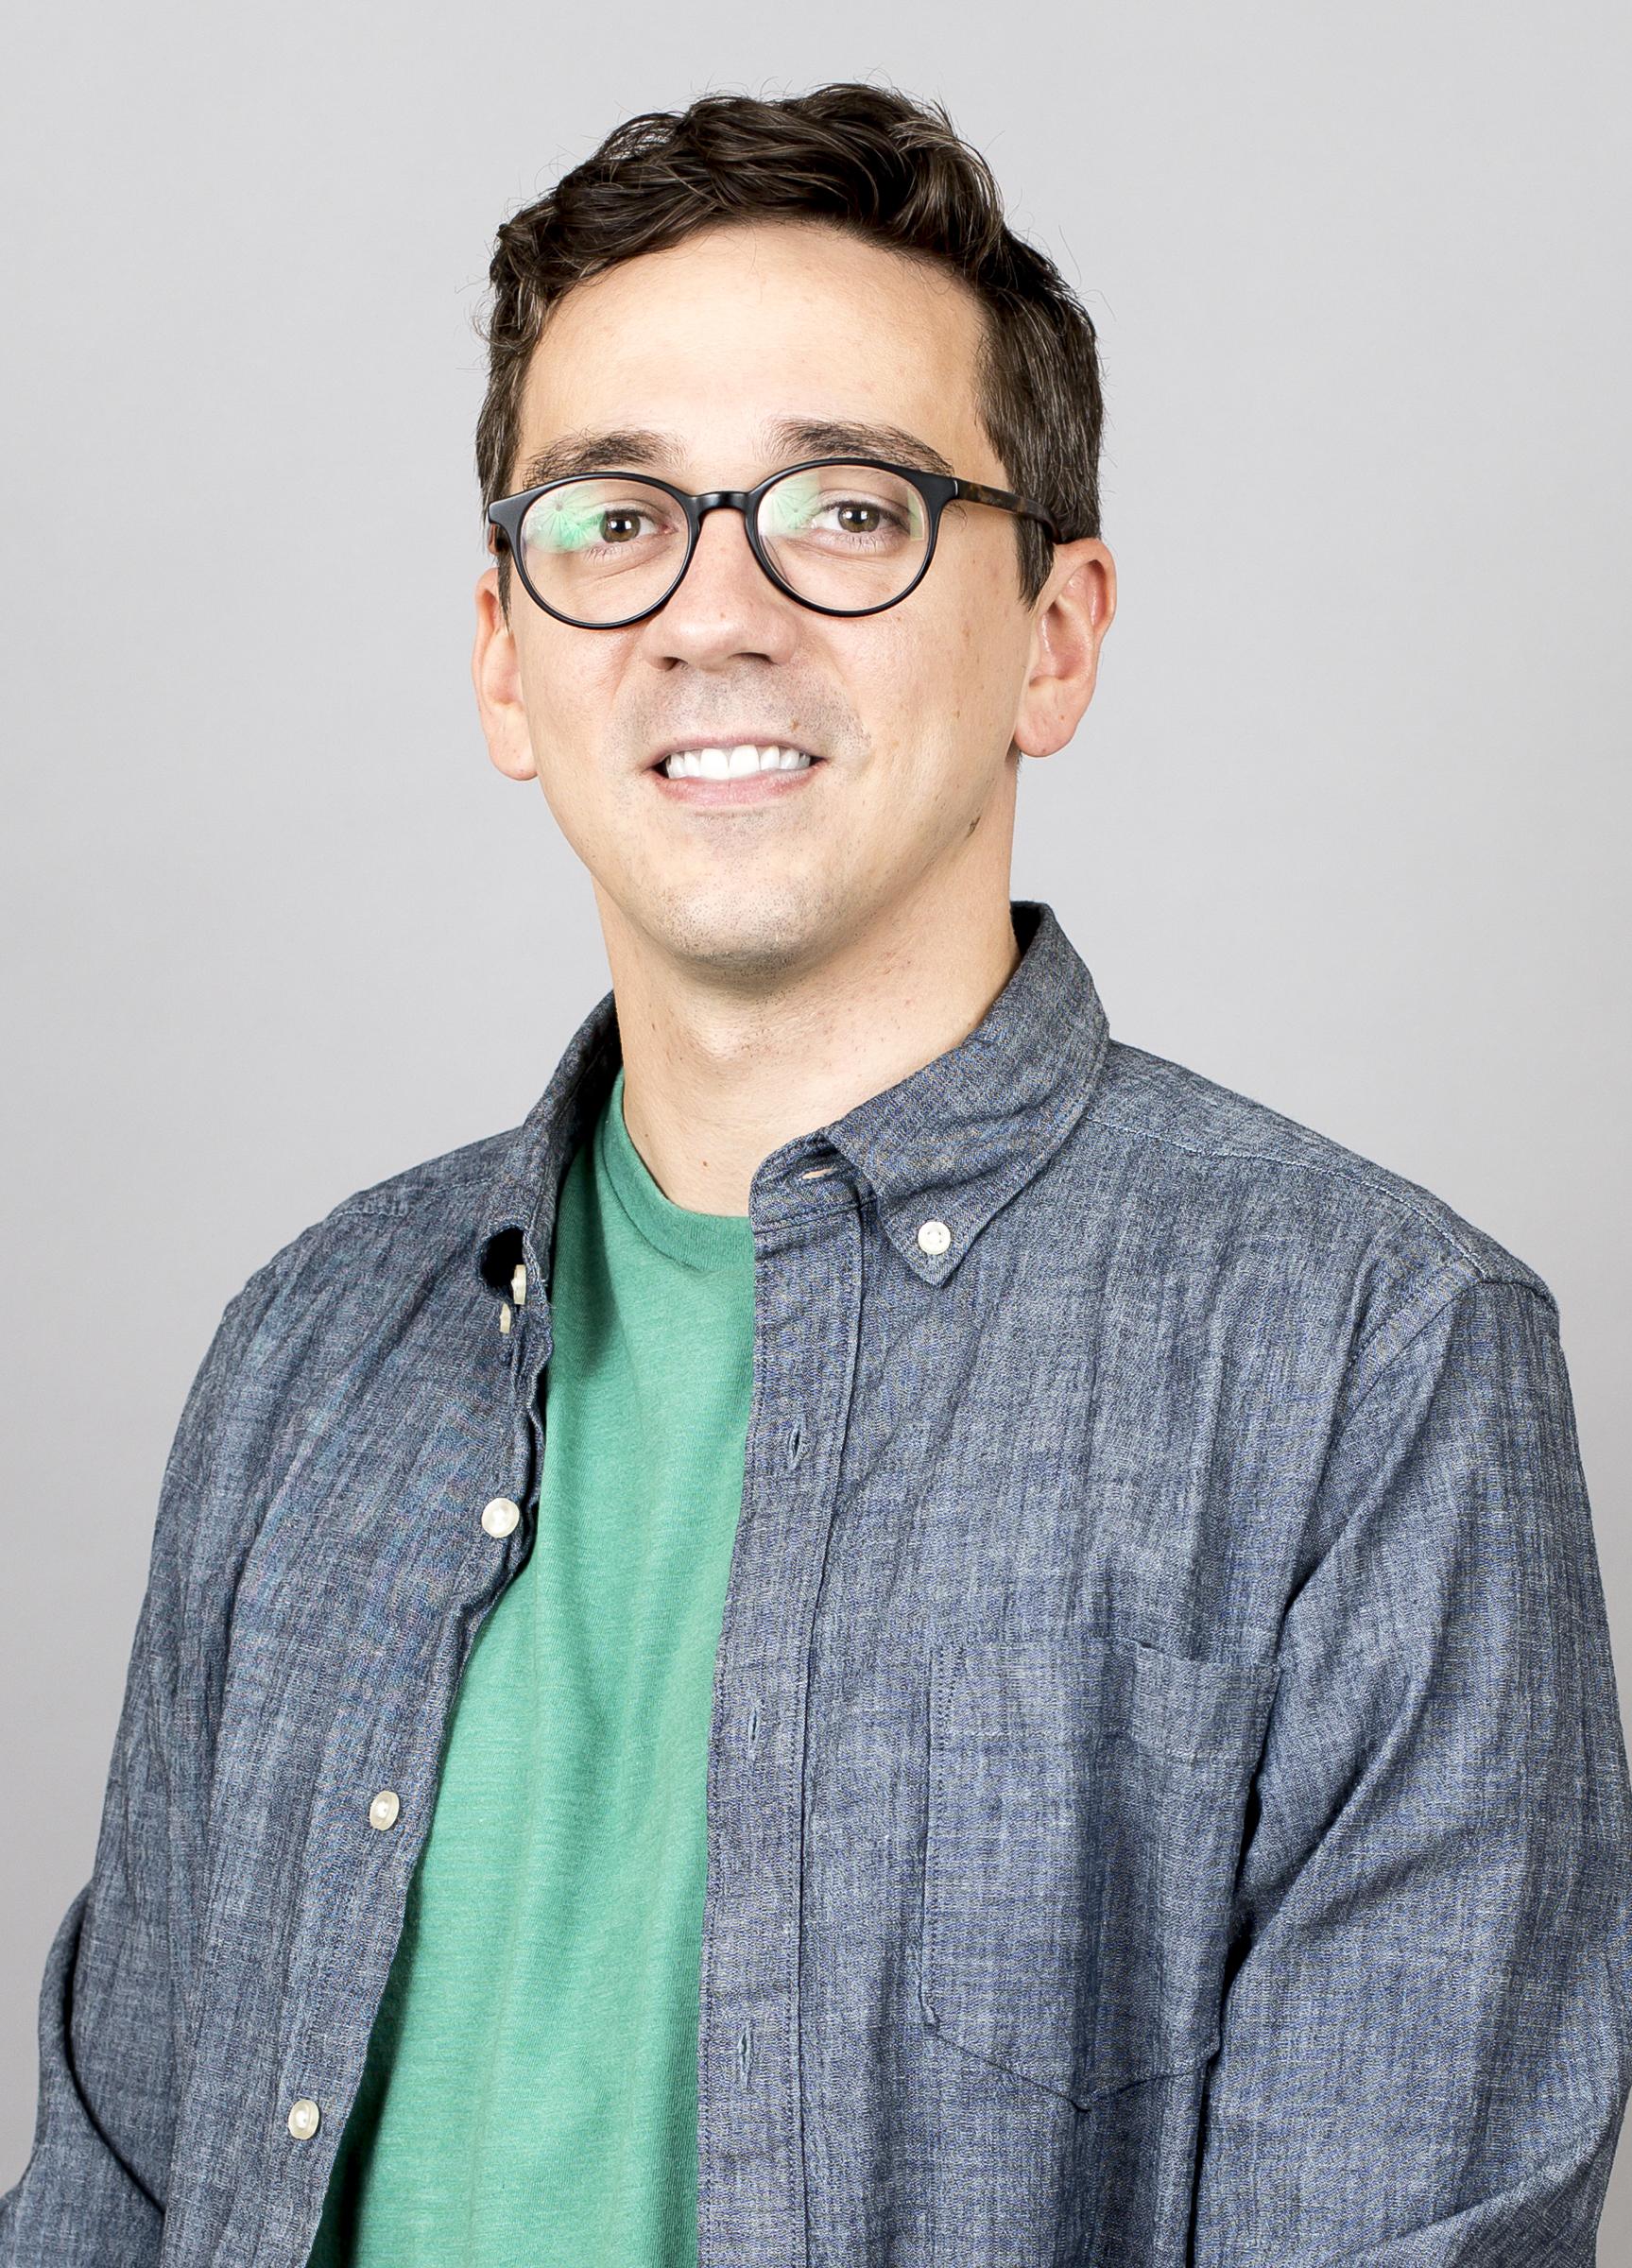 Steve Karig - MASTER TEACHER, SCIENCEskarig@umd.edu